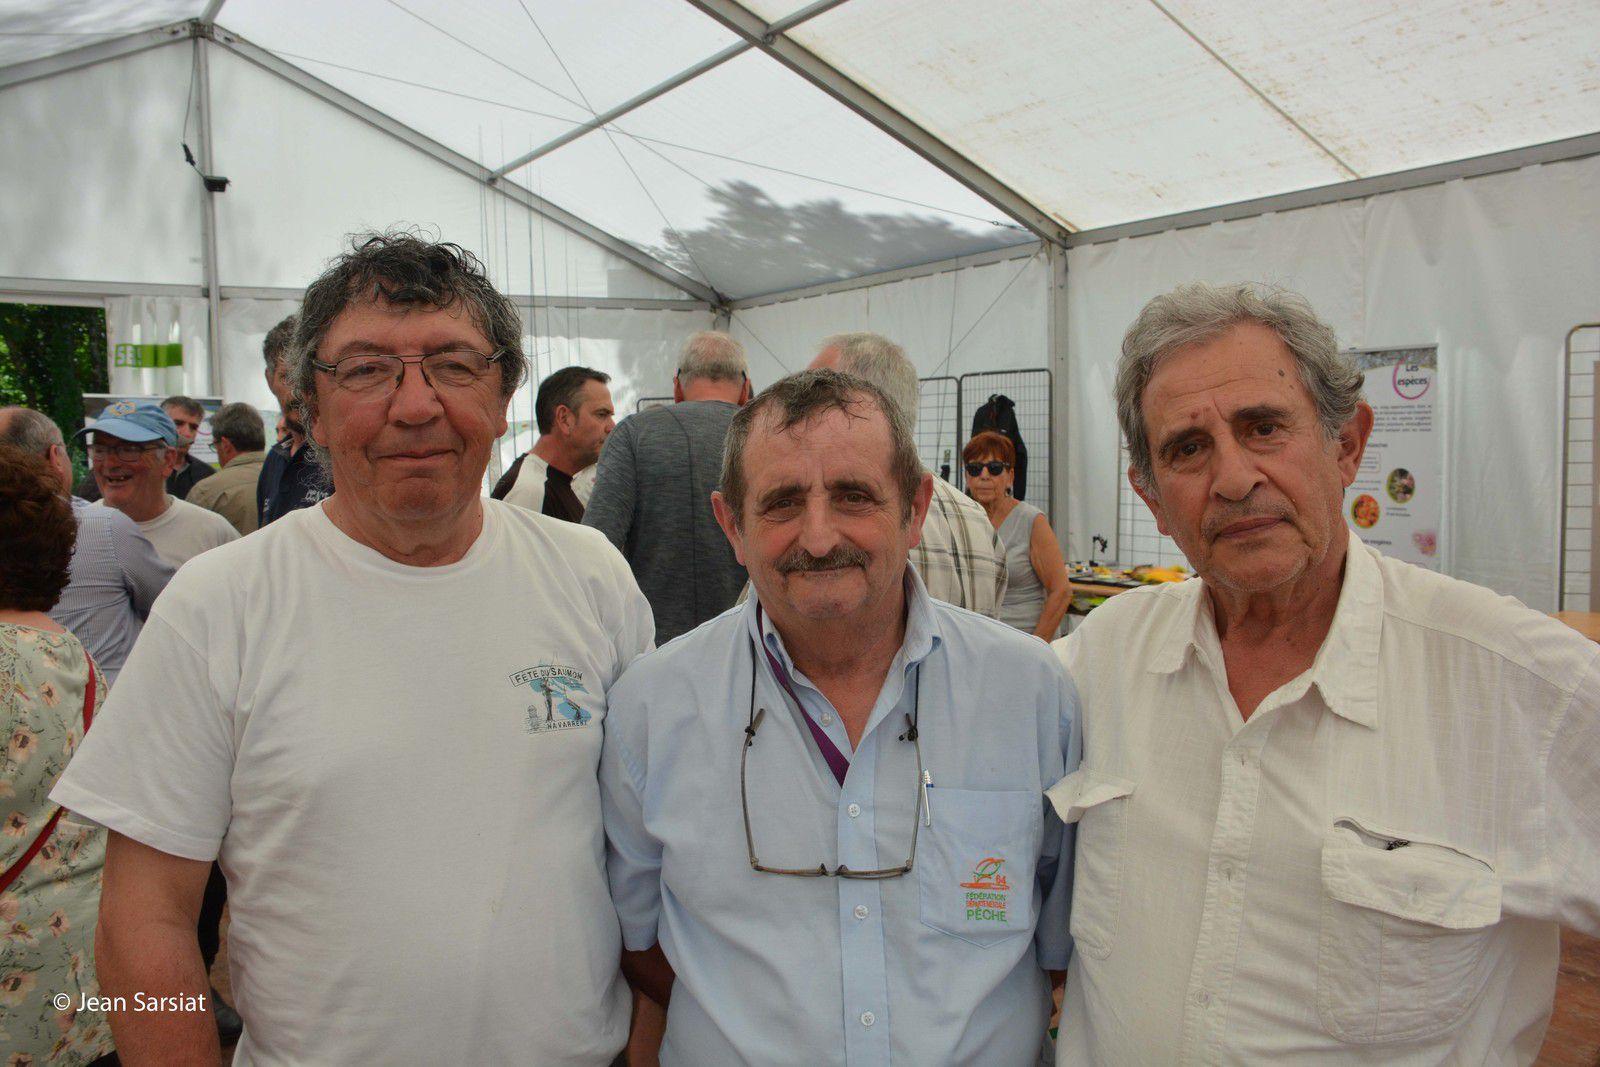 Il y a 2 ans, lors de la fête du saumon à Navarrenx : de gauche à droite, Patrick Laurent, André Dartau, Jacques Gjini